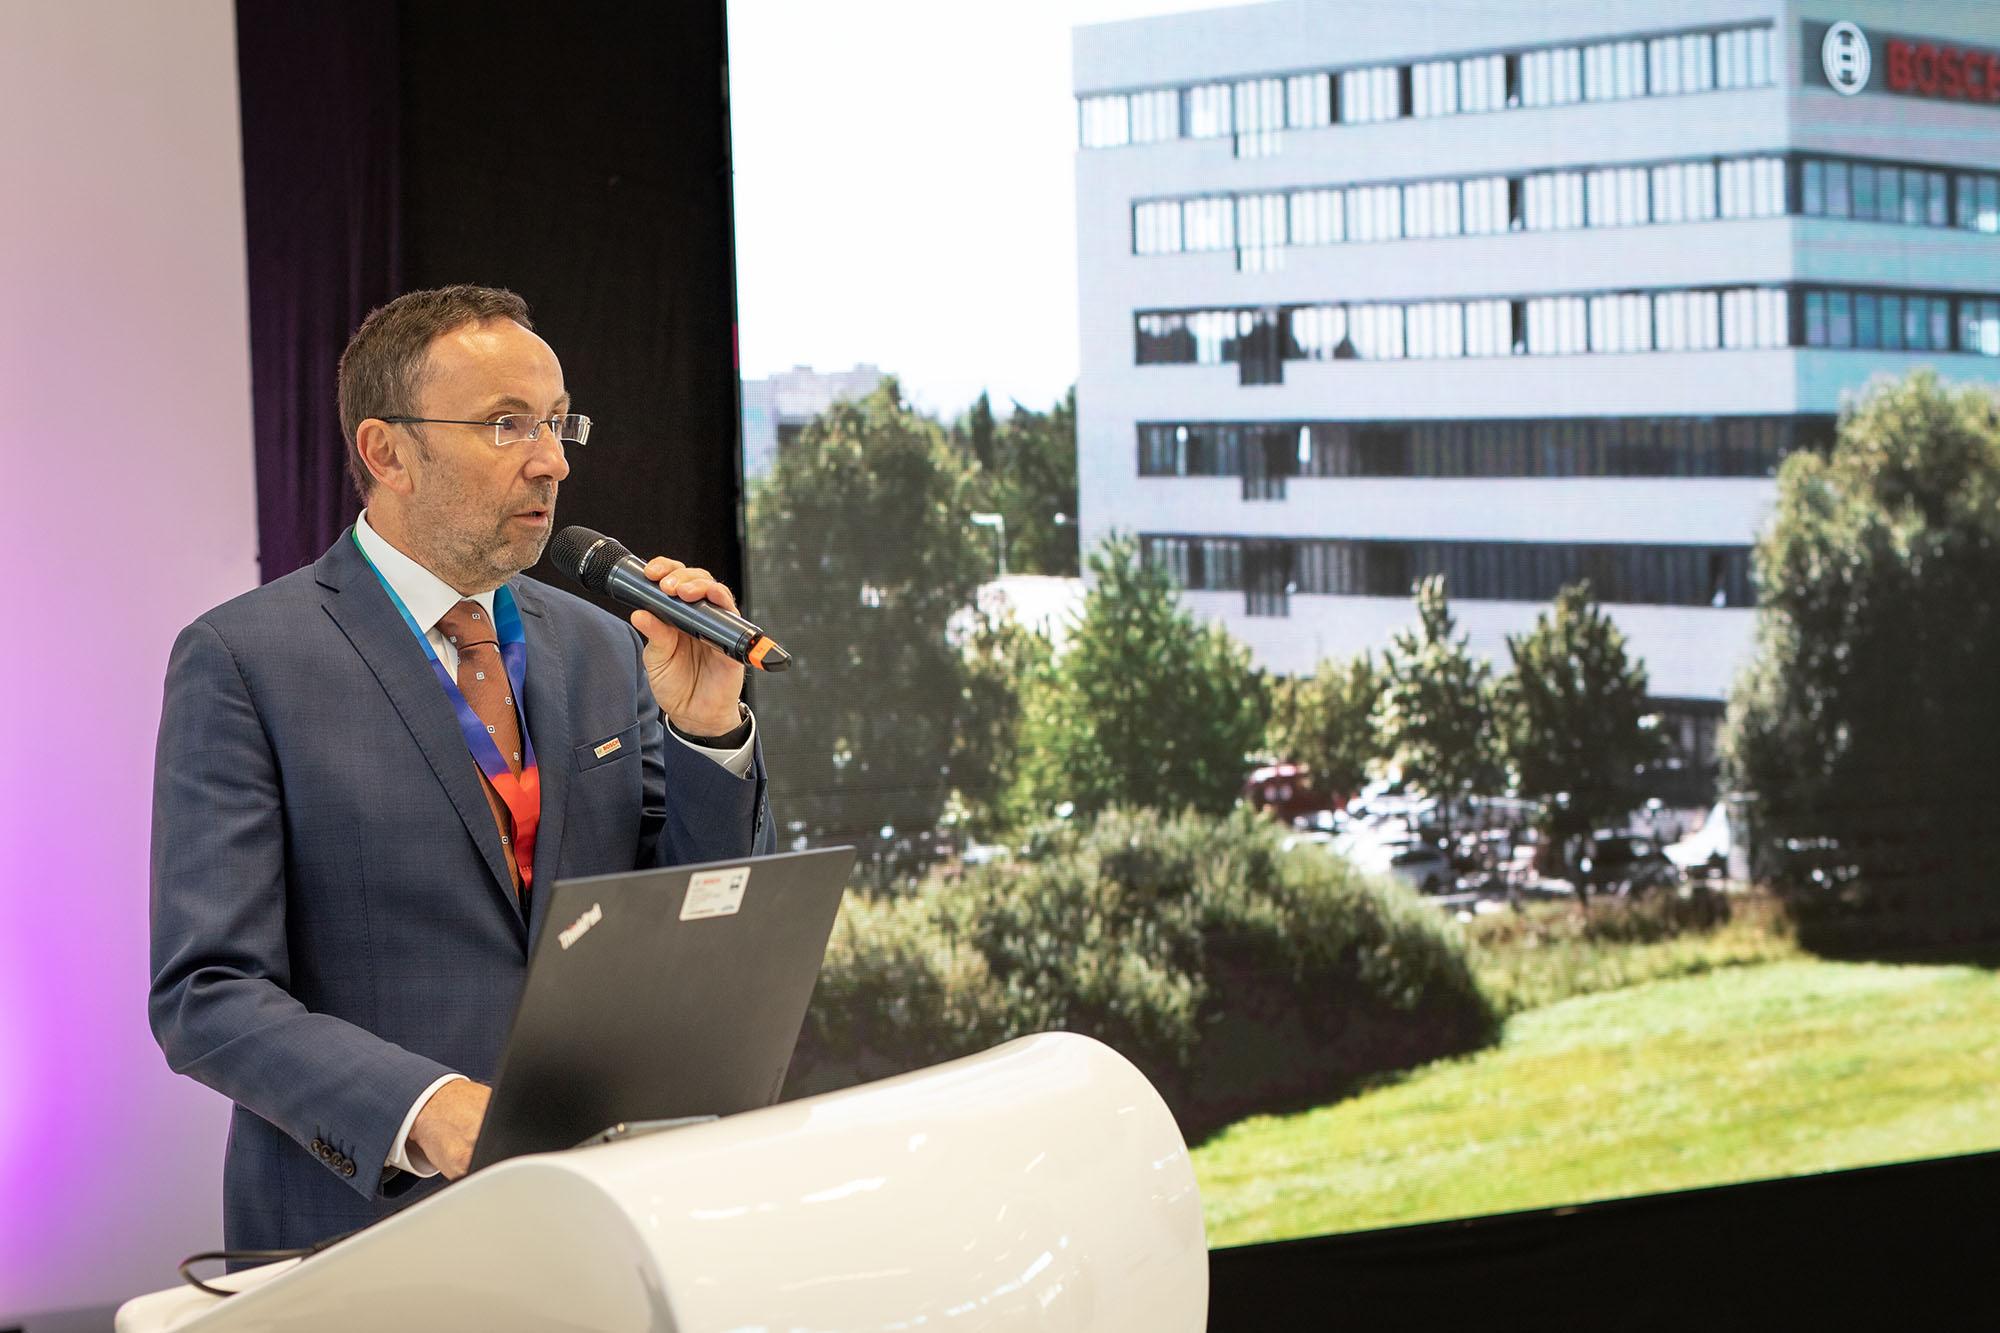 Václav Pixa, technický ředitel závodu v Českých Budějovicích, během slavnostního otevření